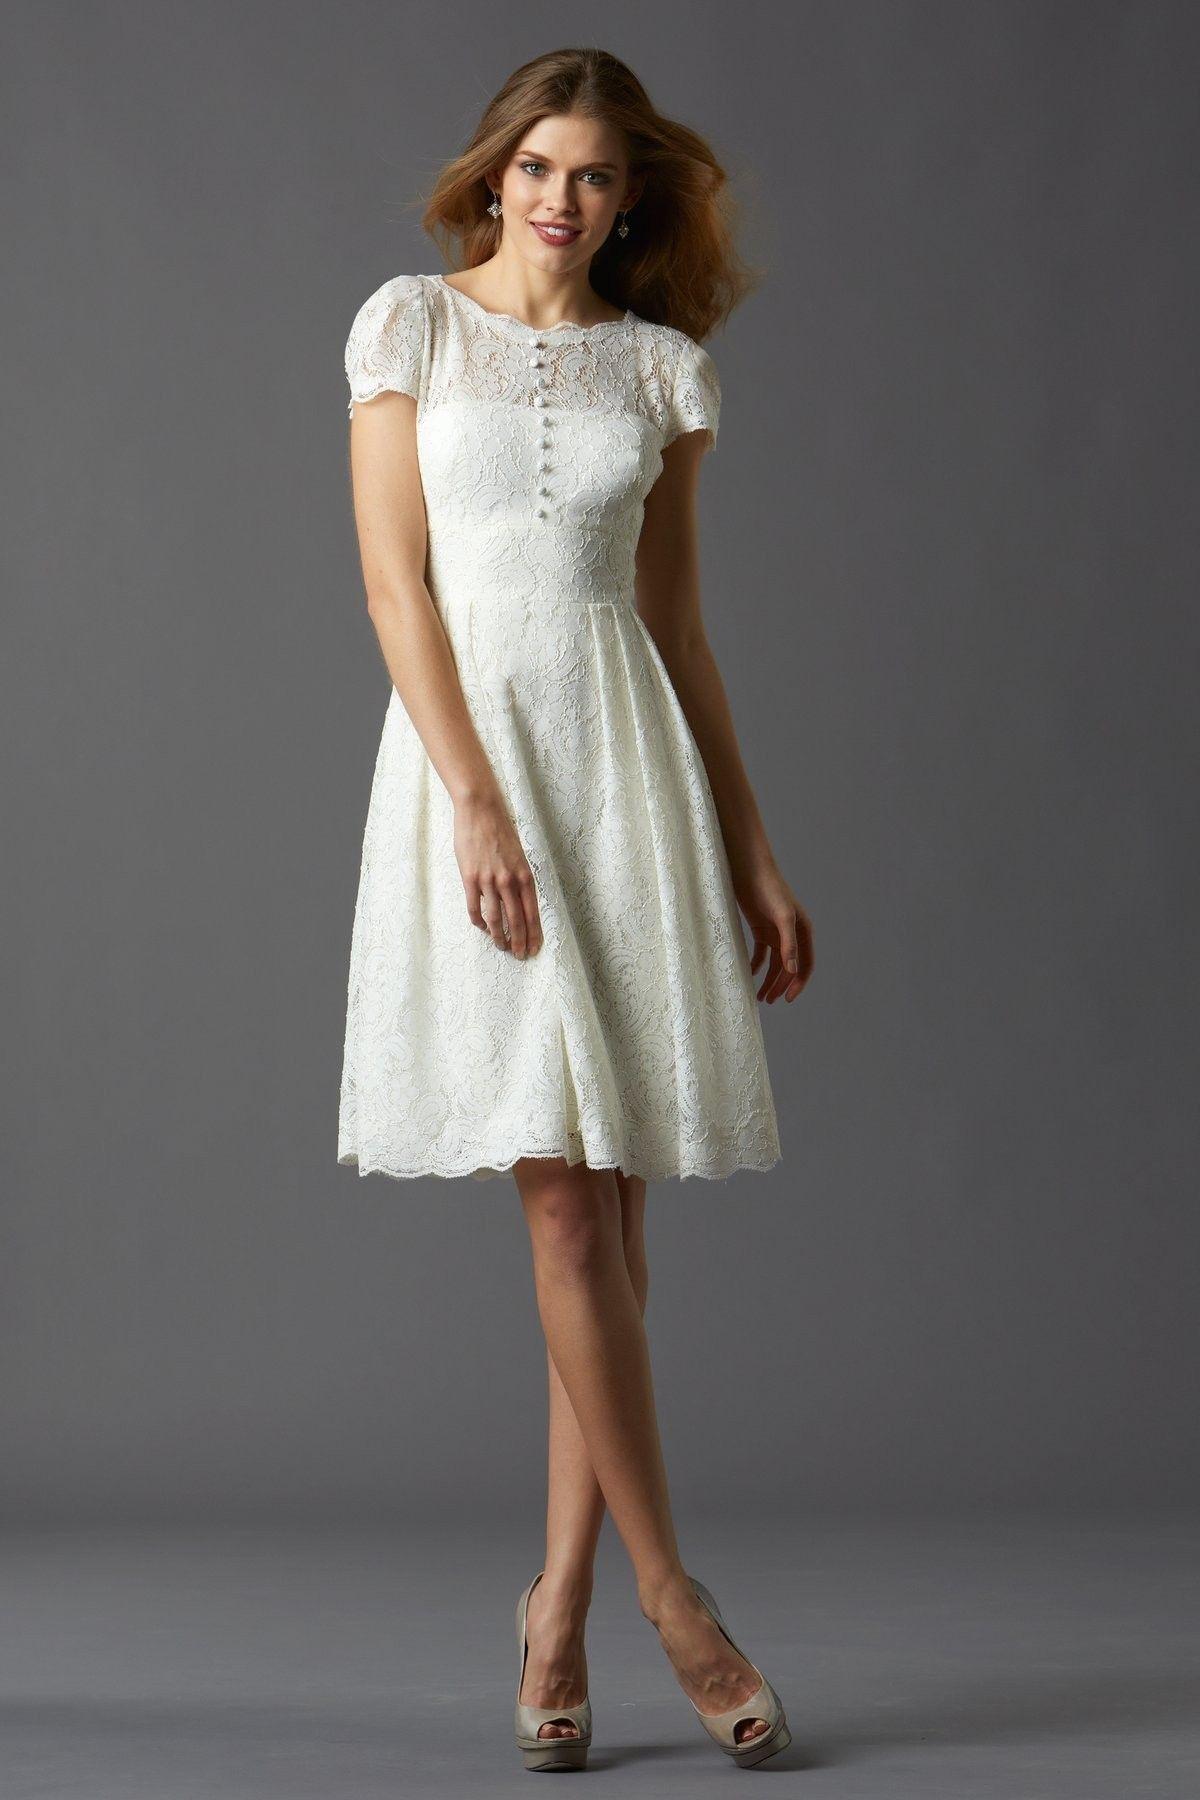 modern short wedding dress